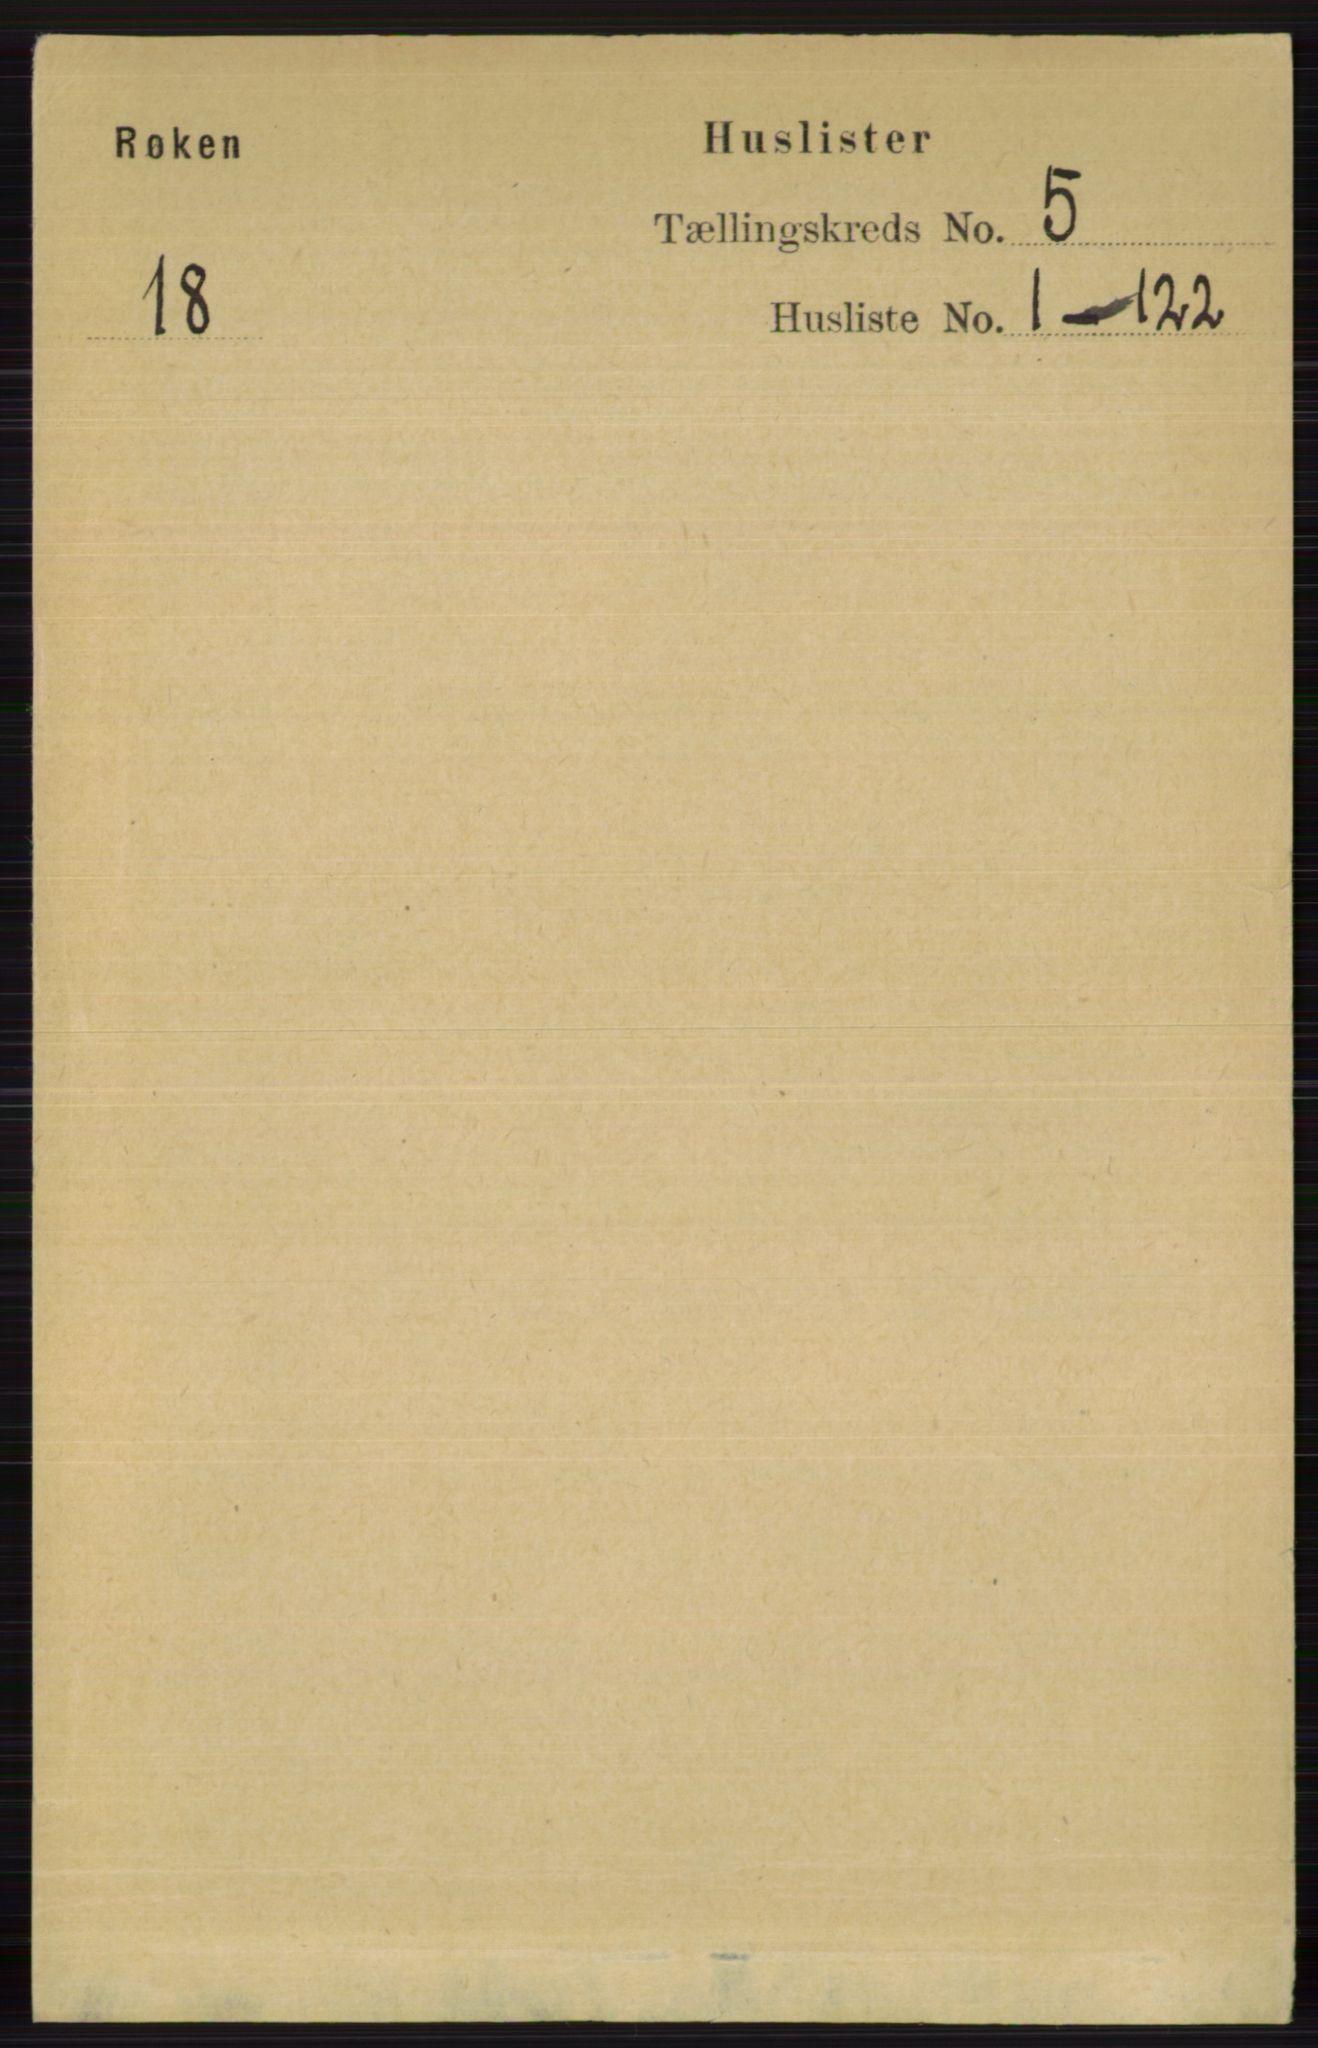 RA, Folketelling 1891 for 0627 Røyken herred, 1891, s. 2764